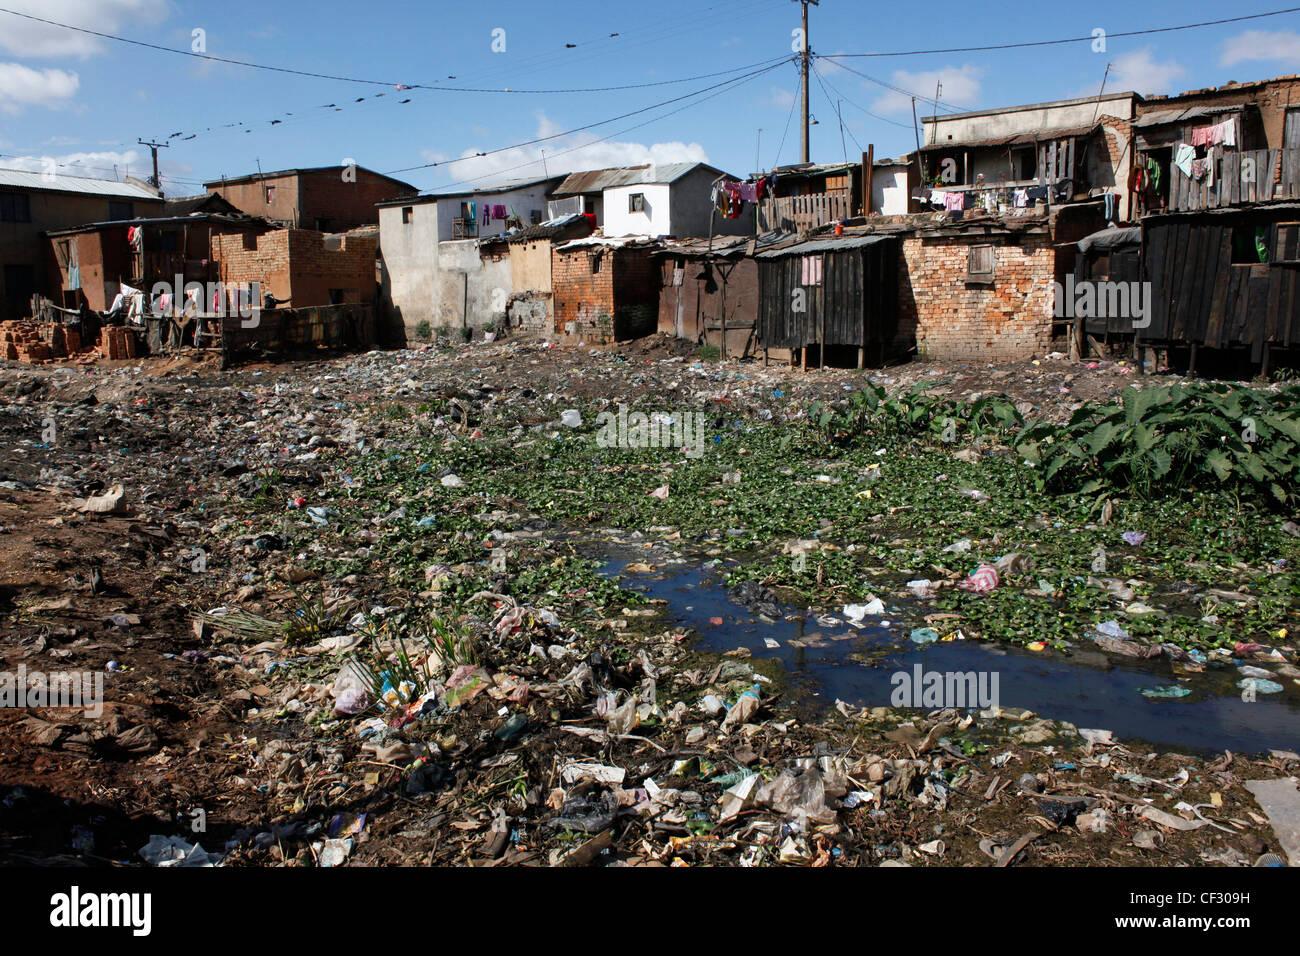 Un quartiere residenziale in Madagascar la capitale Antananarivo. Immagini Stock